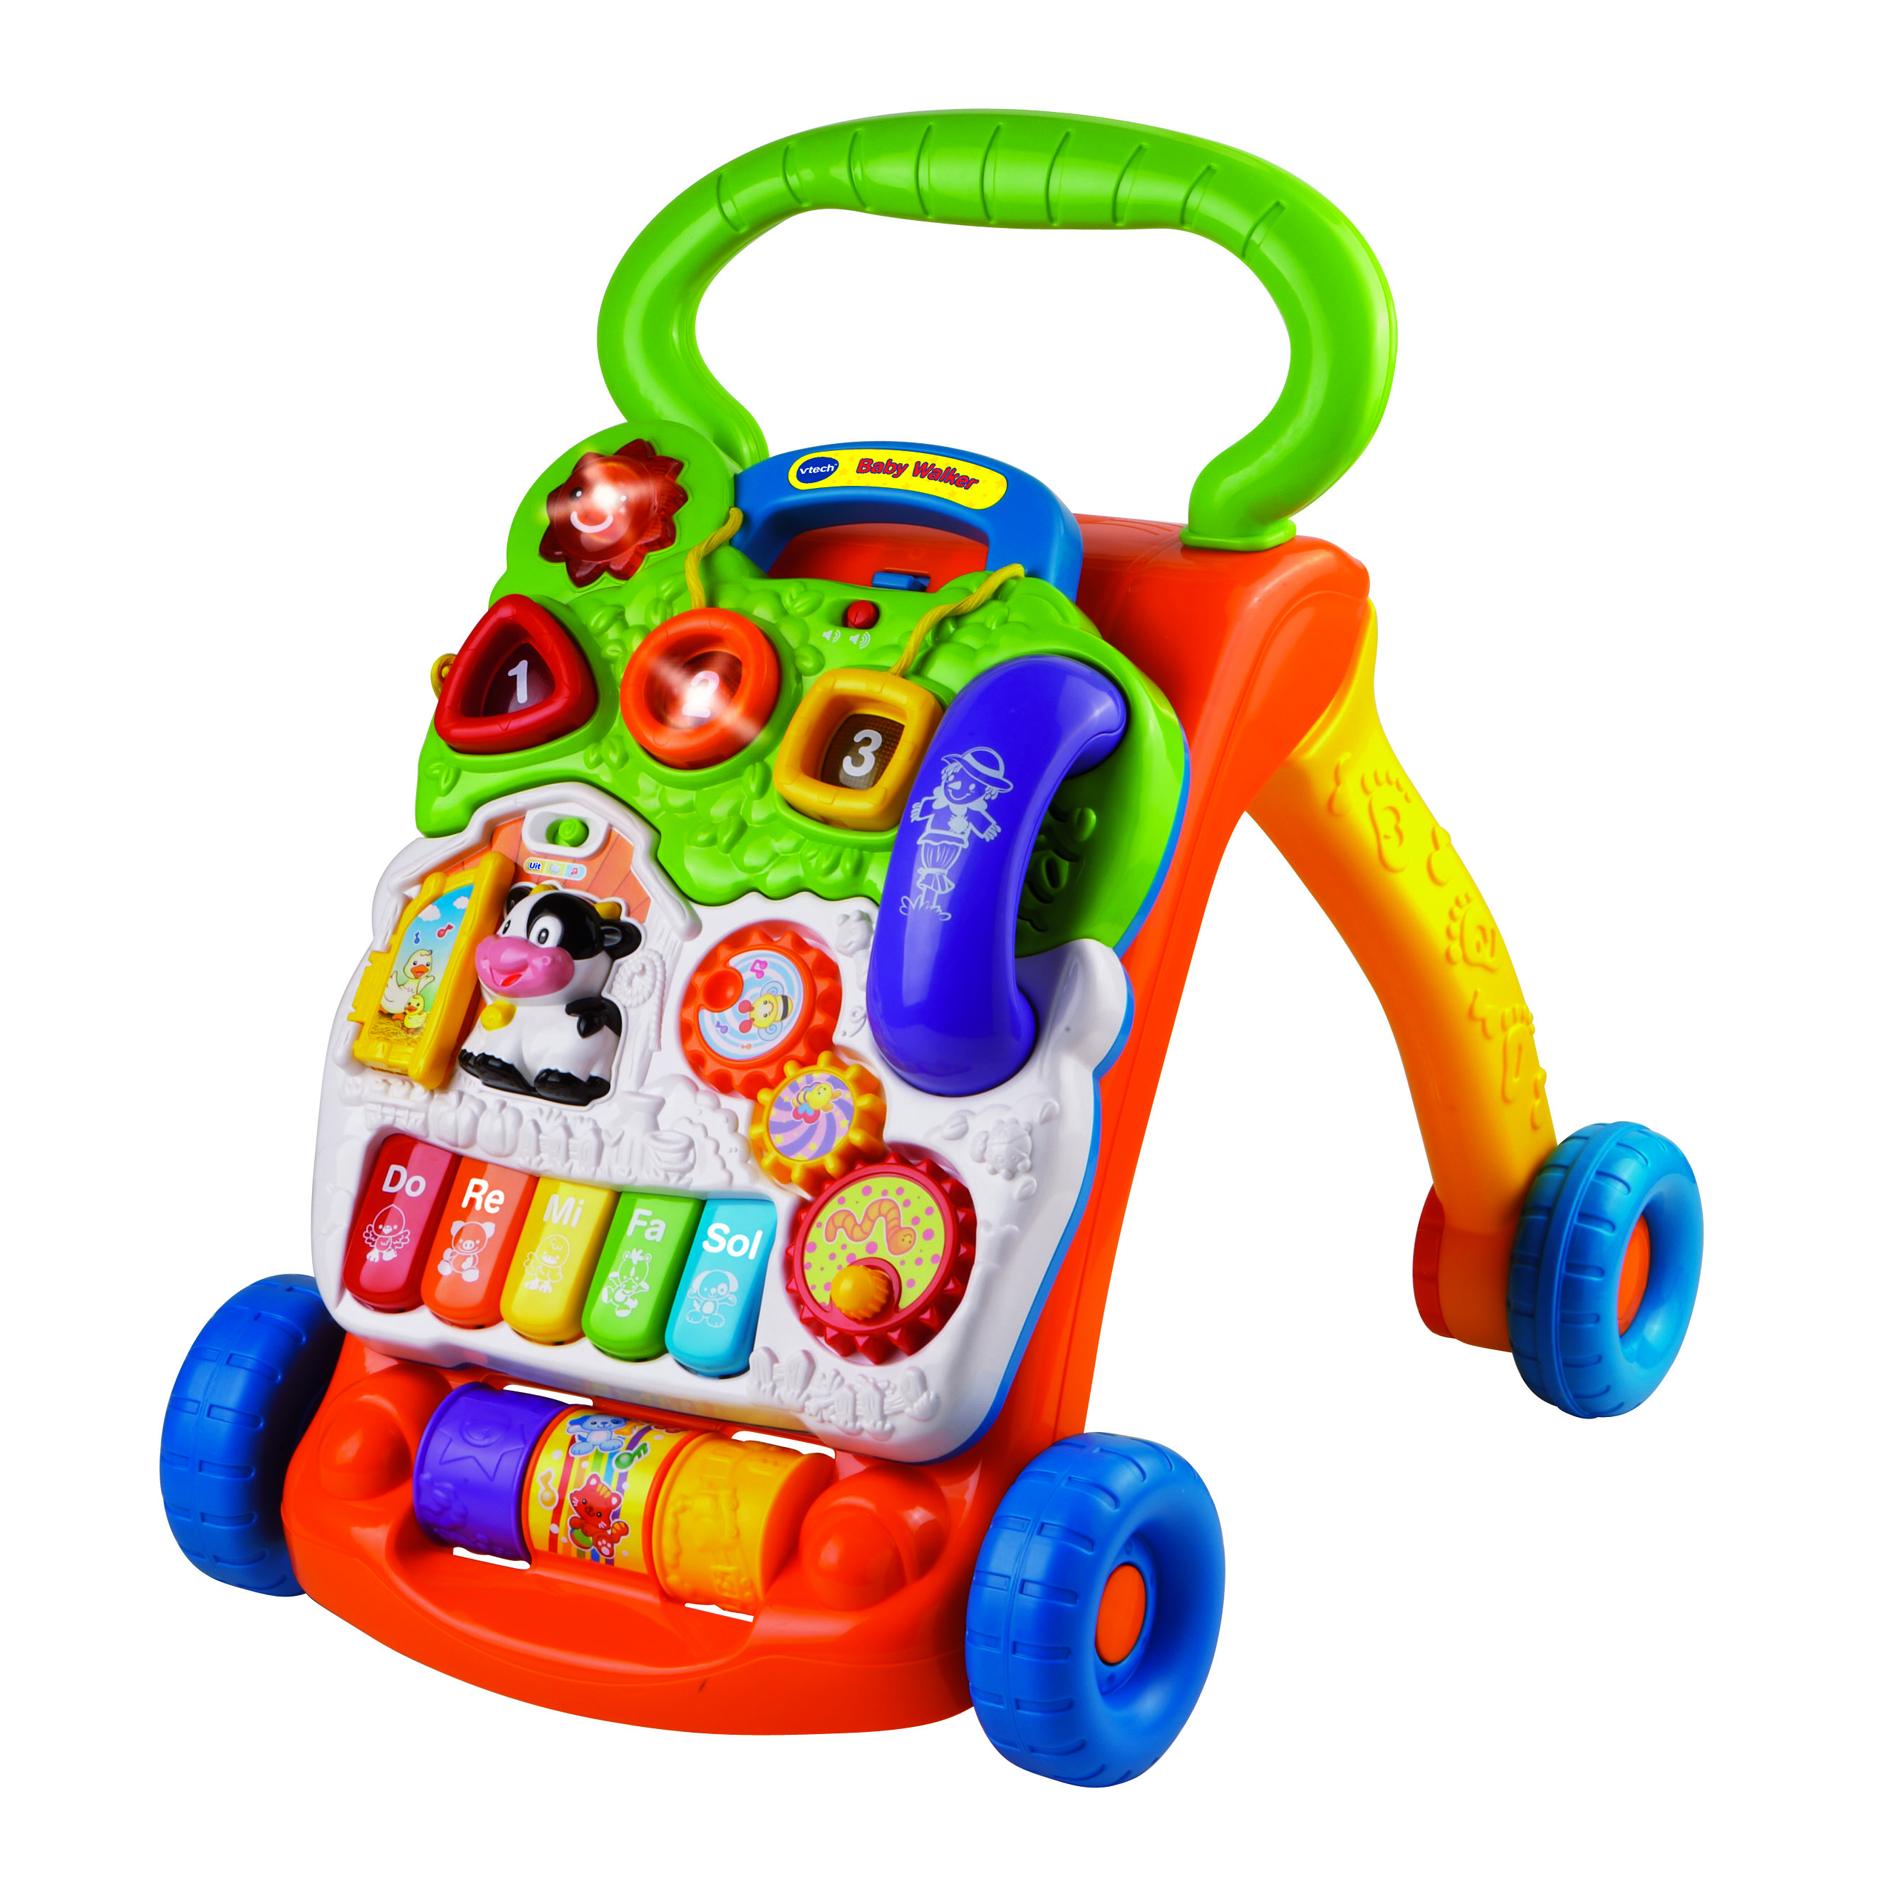 Vtech Baby Walker Leuke Loopwagen Voor De Baby En Dreumes